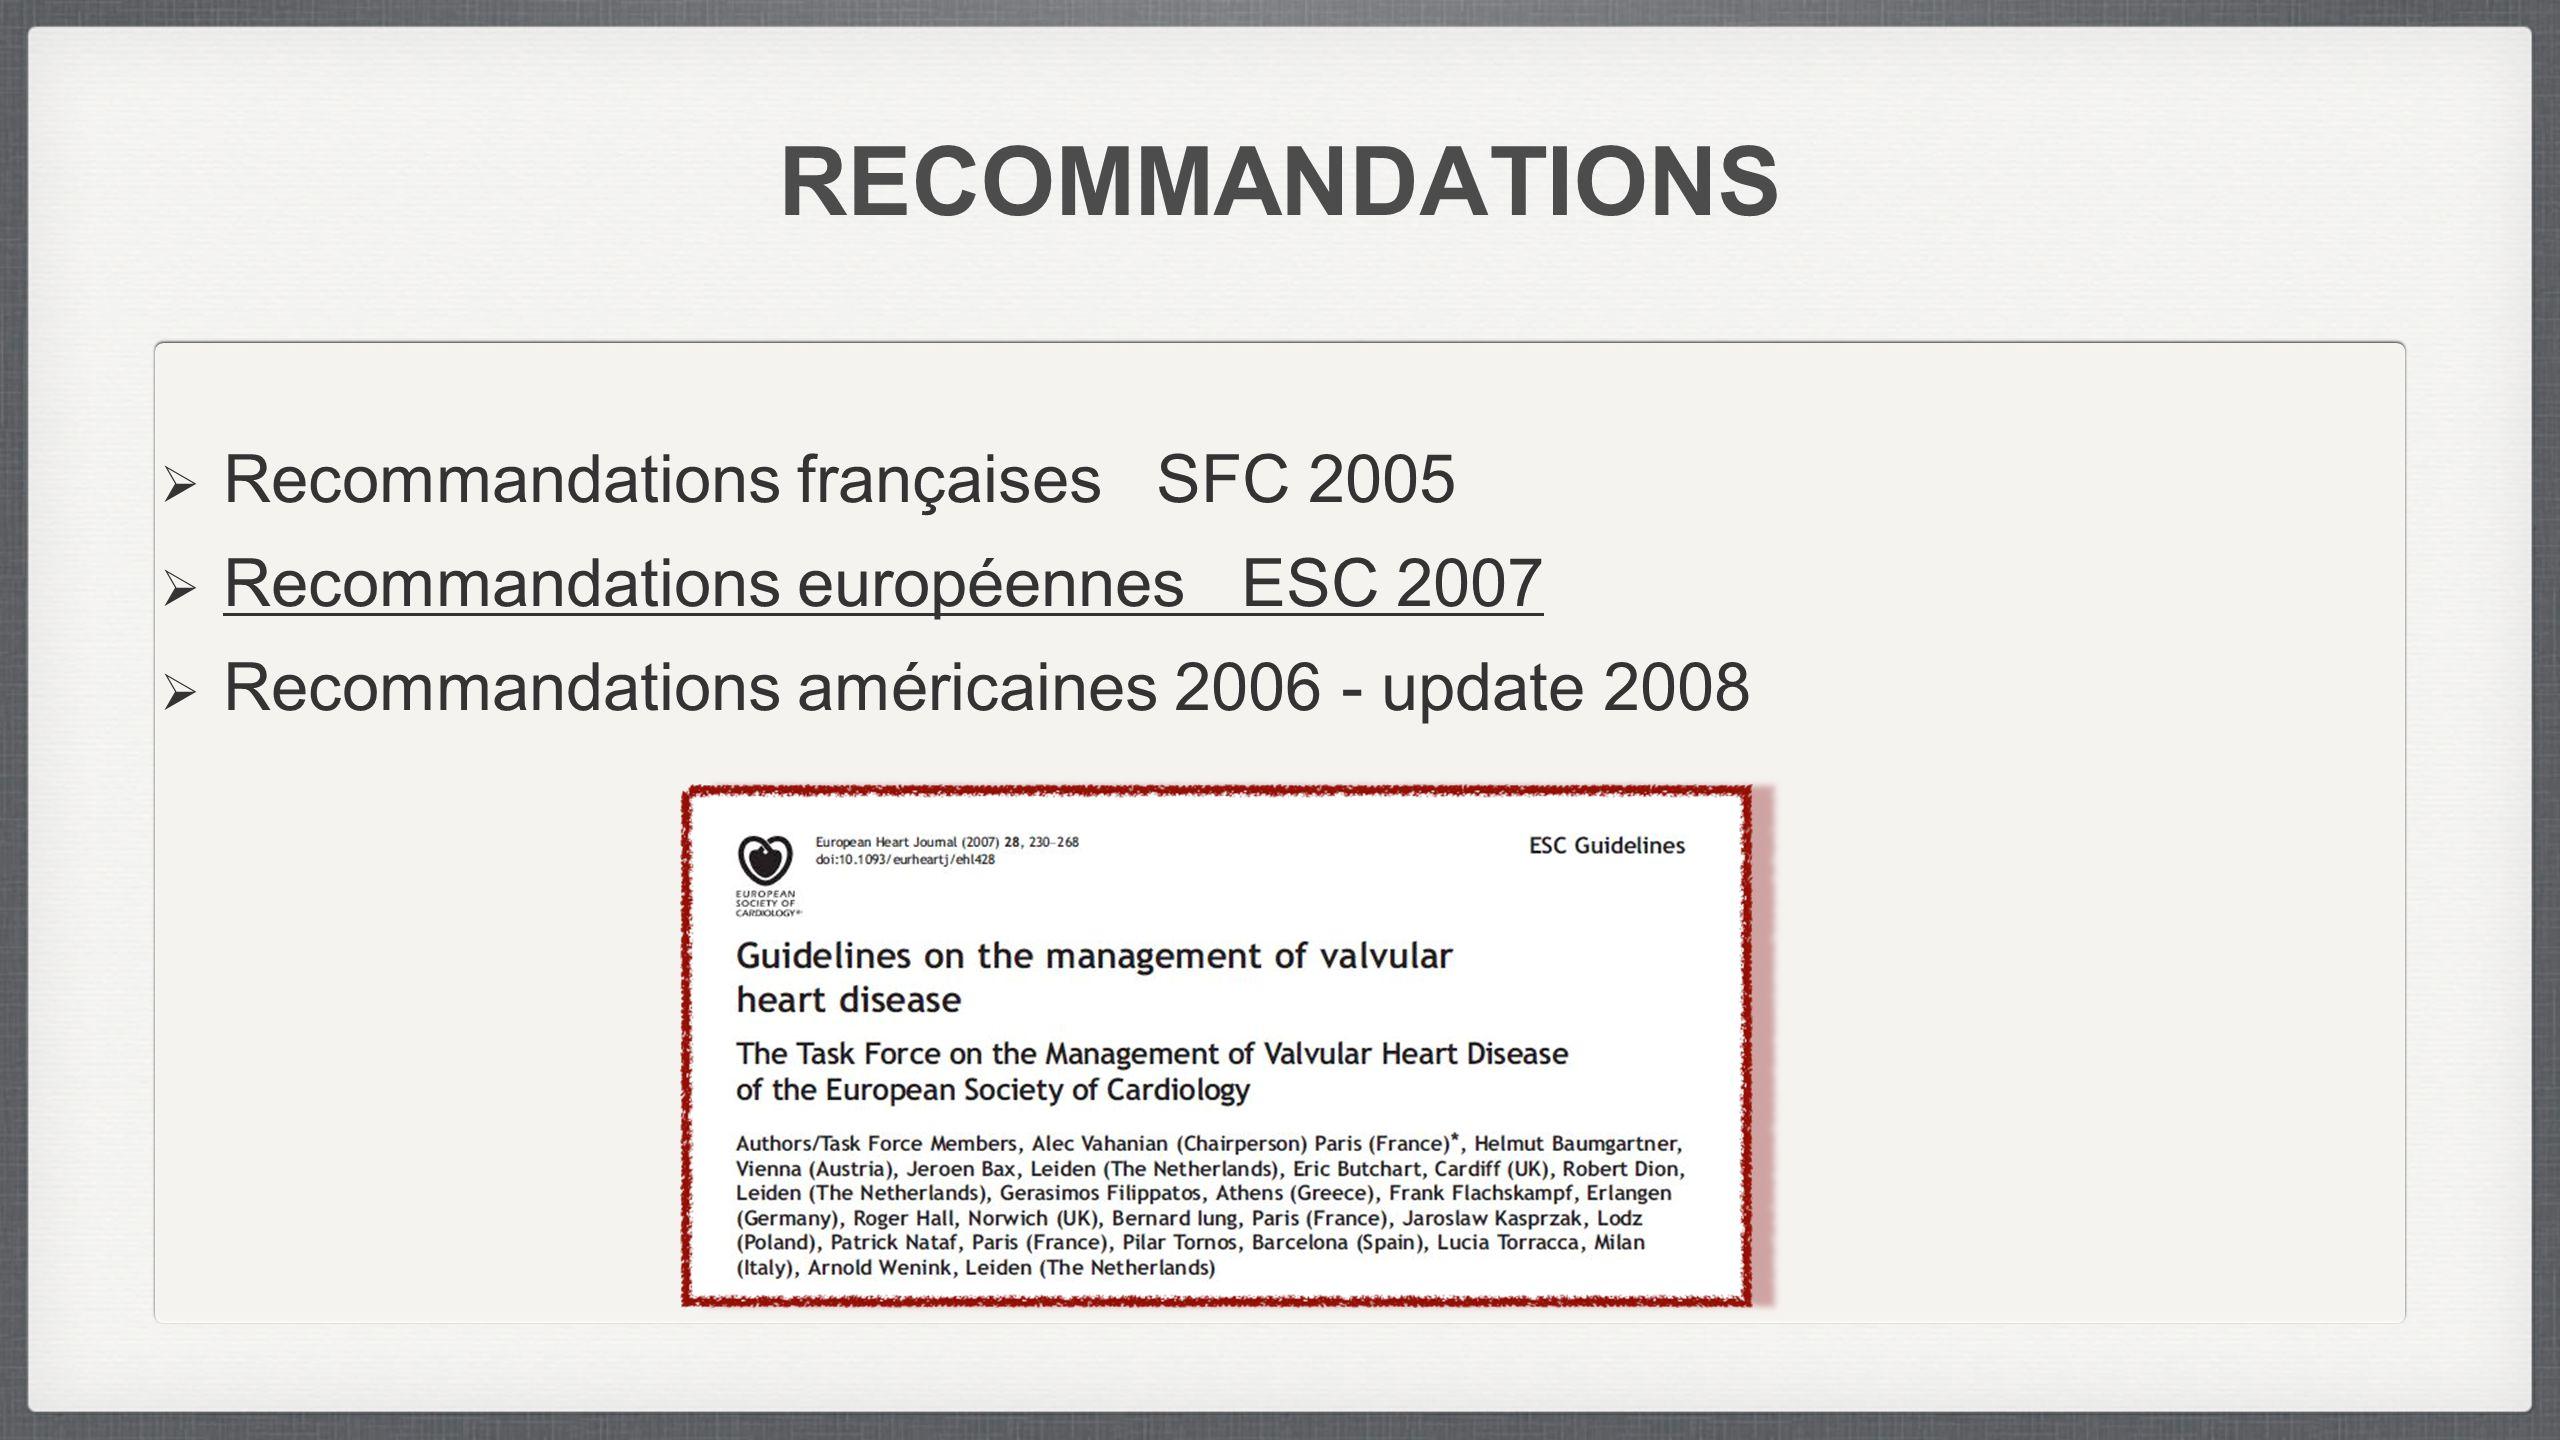 RECOMMANDATIONS Recommandations françaises SFC 2005 Recommandations européennes ESC 2007 Recommandations américaines 2006 - update 2008